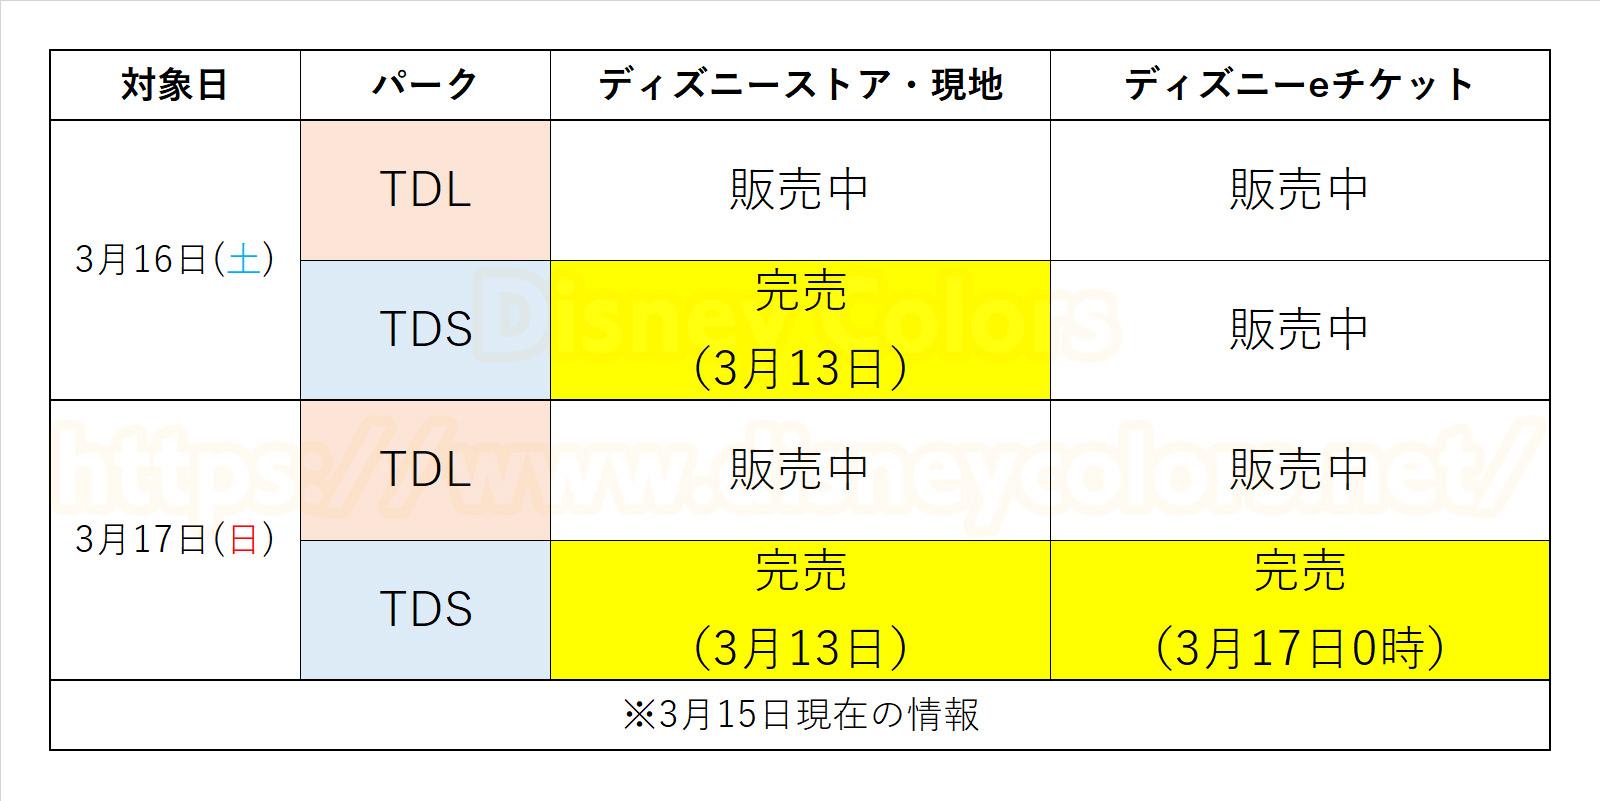 東京ディズニーシー 2019年 3月16日 3月17日 前売券 完売